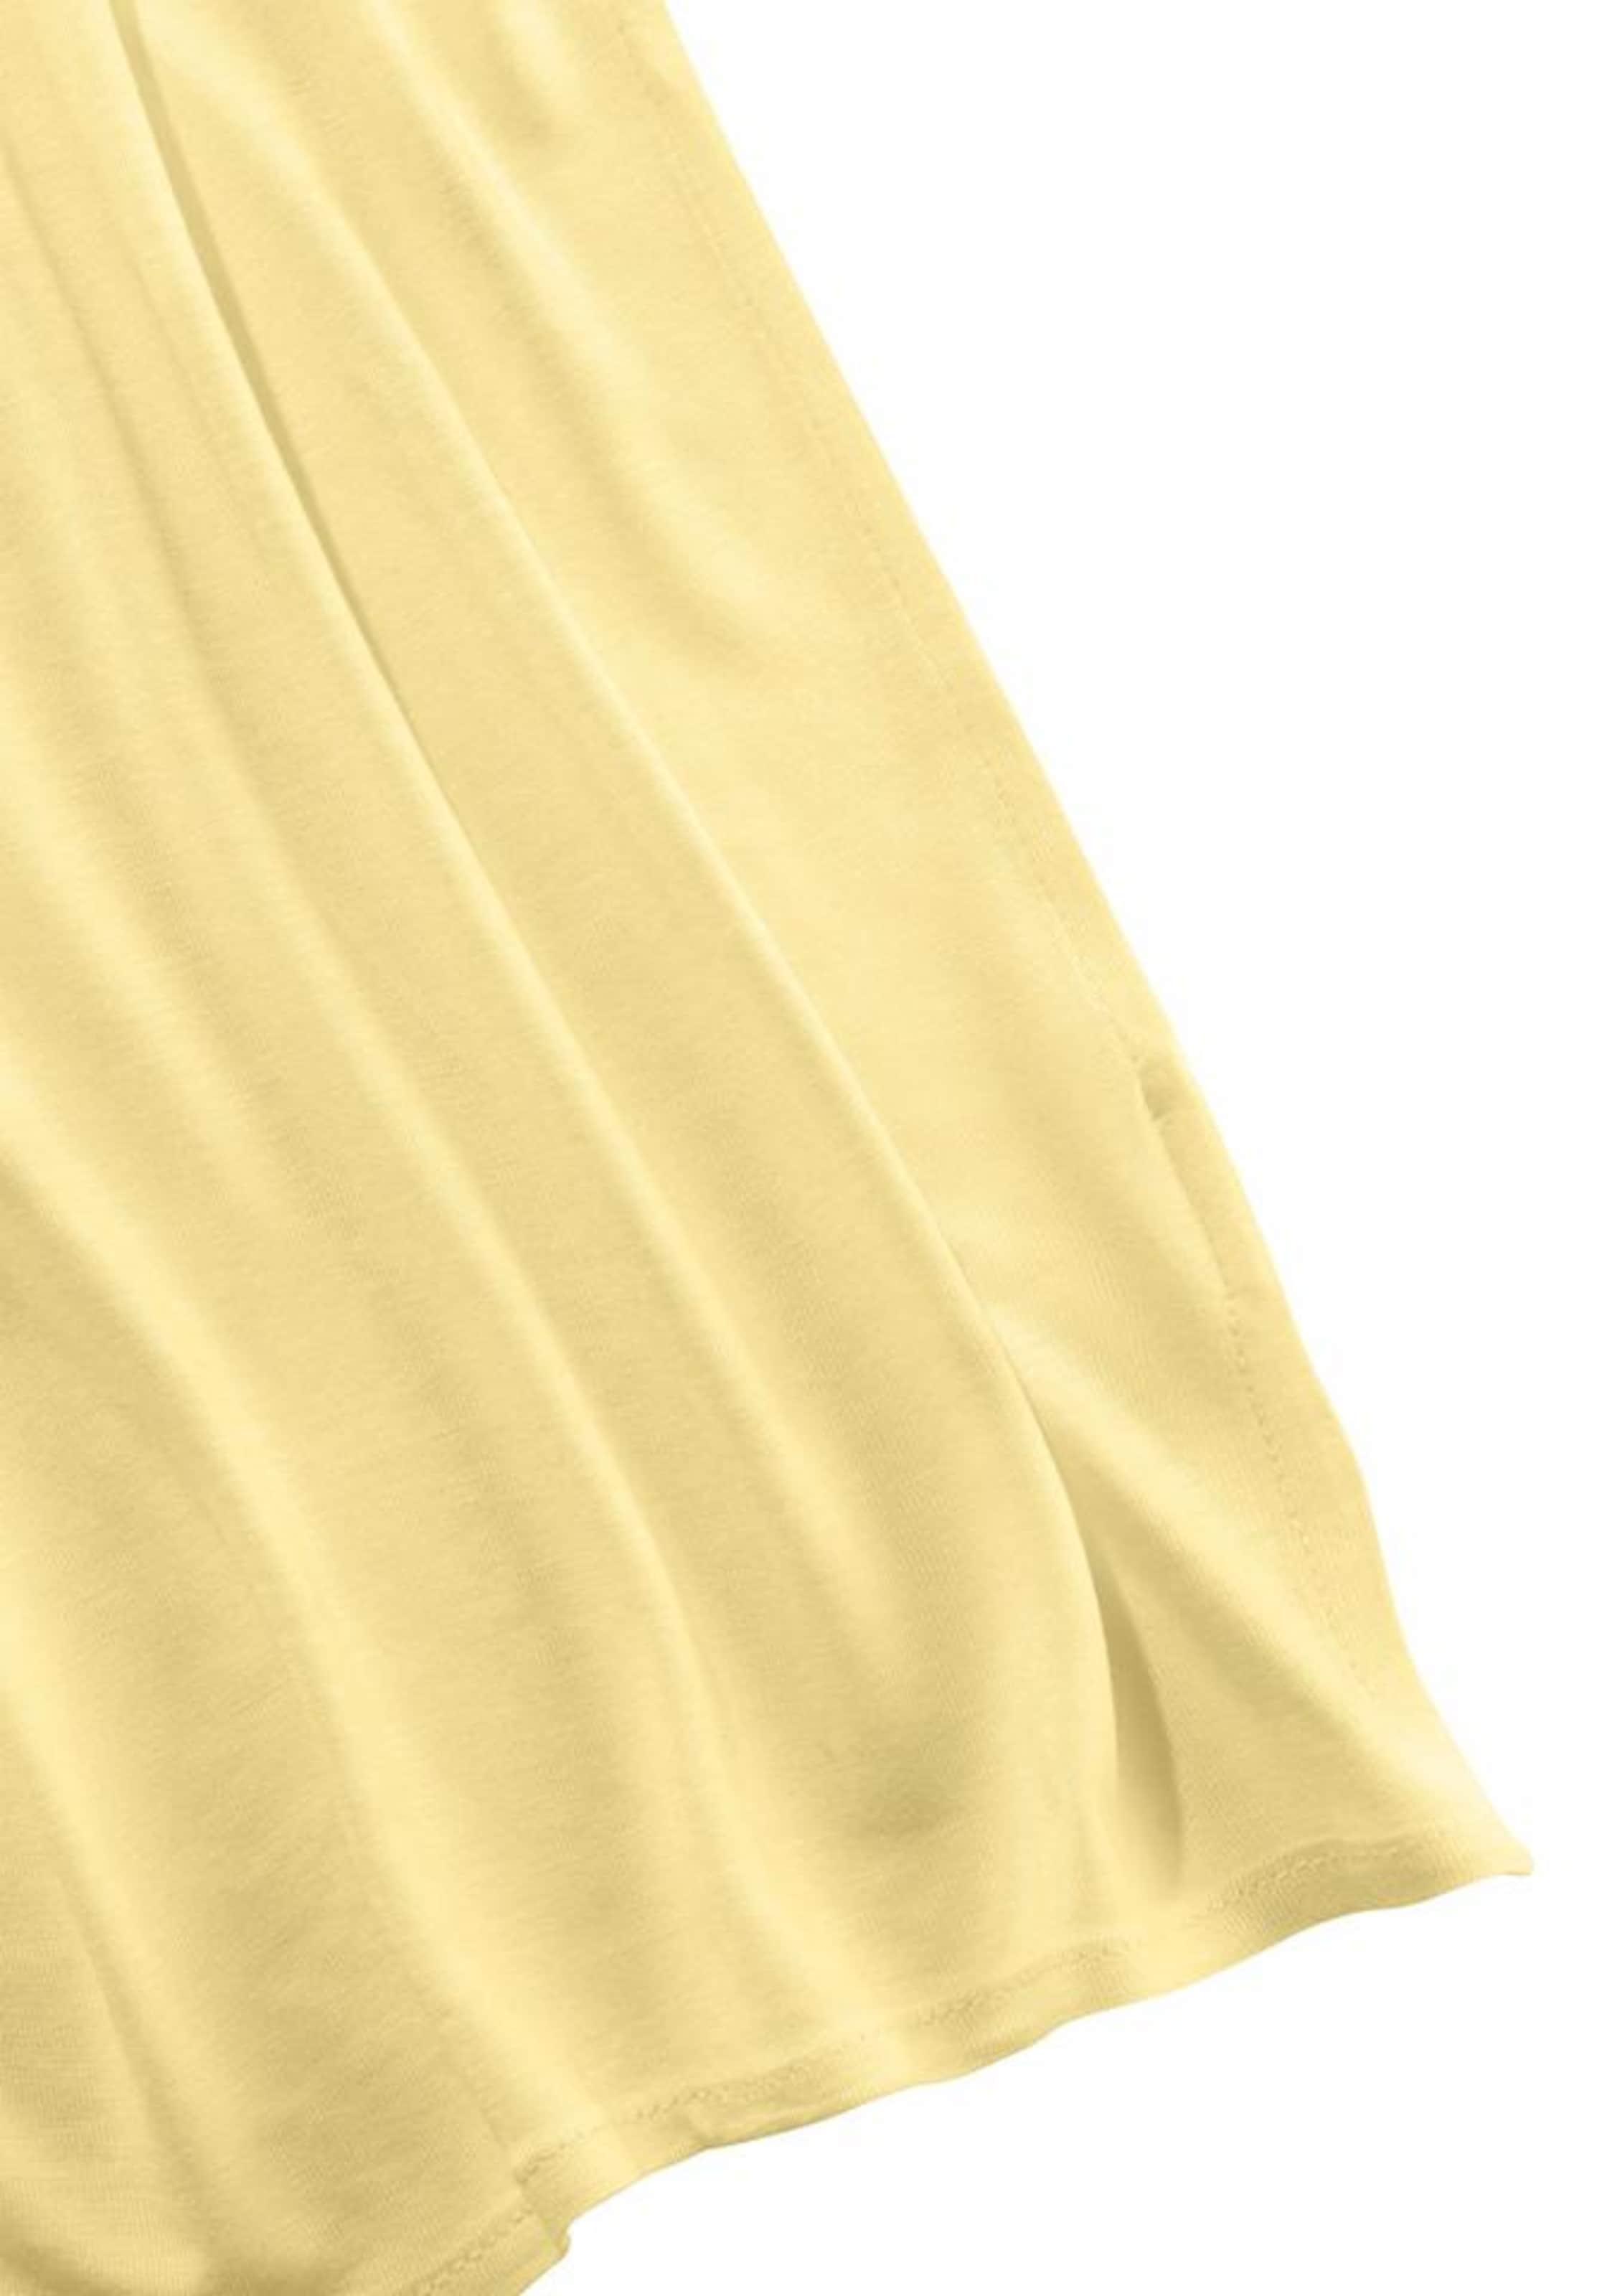 Classic Günstig Online J. Jayz J. Jayz Modeschal Billig Verkauf Footlocker Bilder Gutes Angebot K5pLTeD